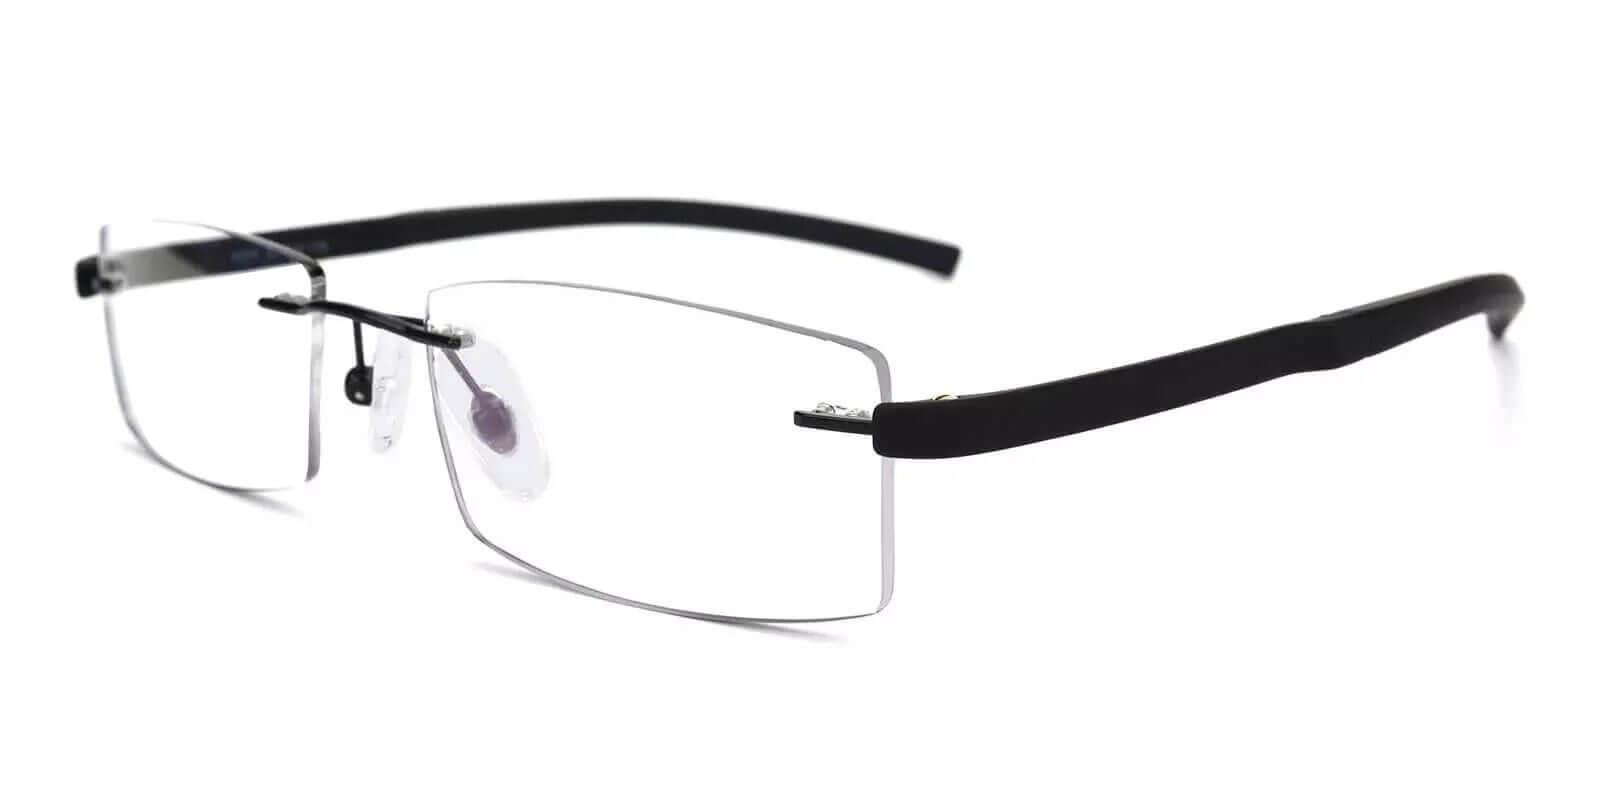 Hudson Black Acetate , Metal , TR Eyeglasses , NosePads Frames from ABBE Glasses